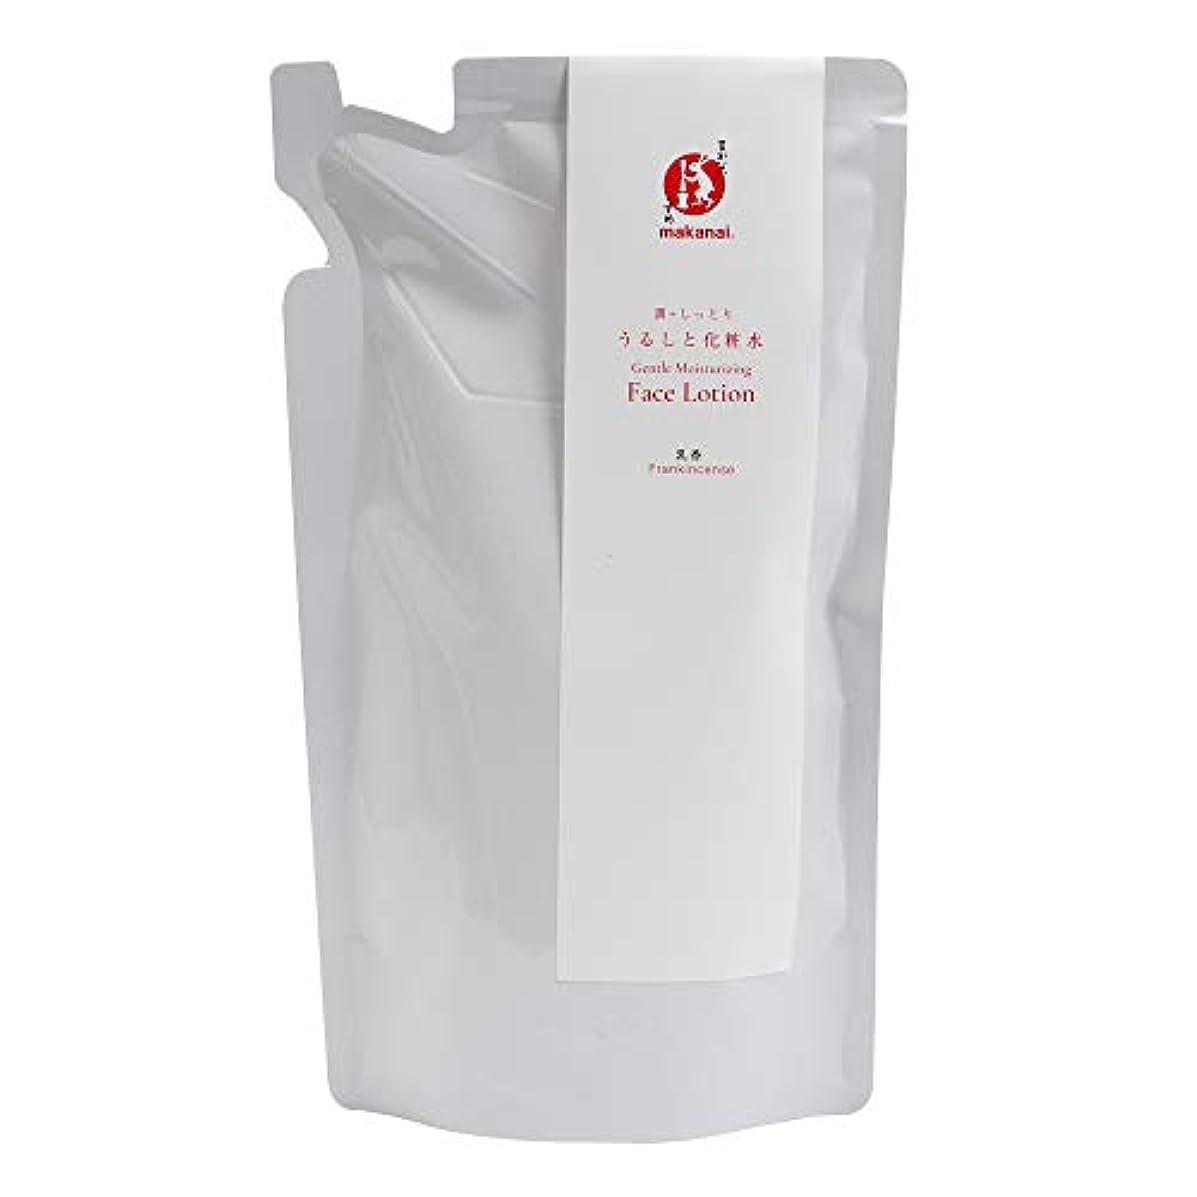 かき混ぜる良さ発掘まかないこすめ うるしと化粧水(詰め替え用) 150ml